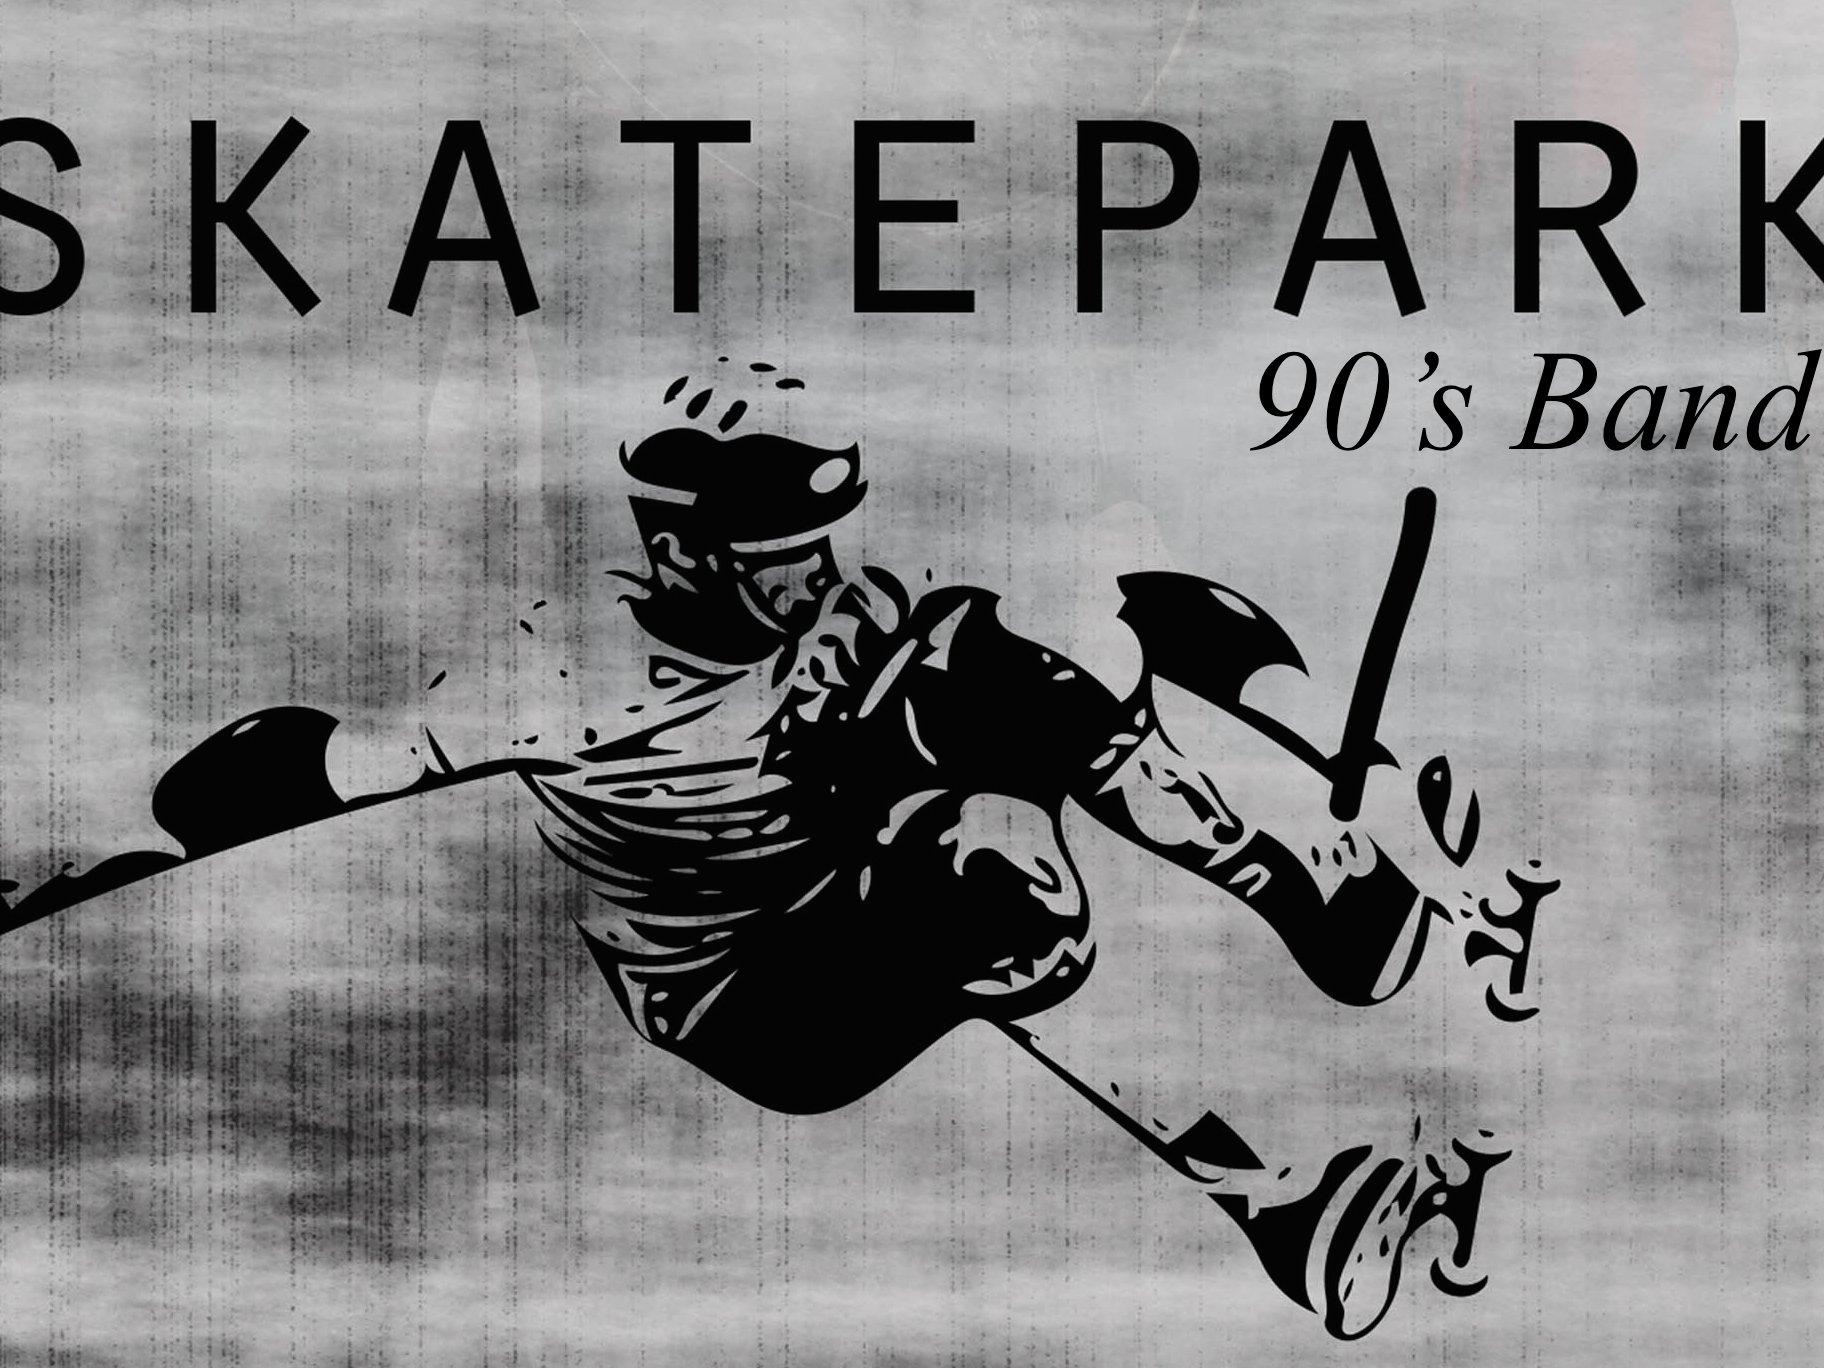 Image for SkatePark 90's Band